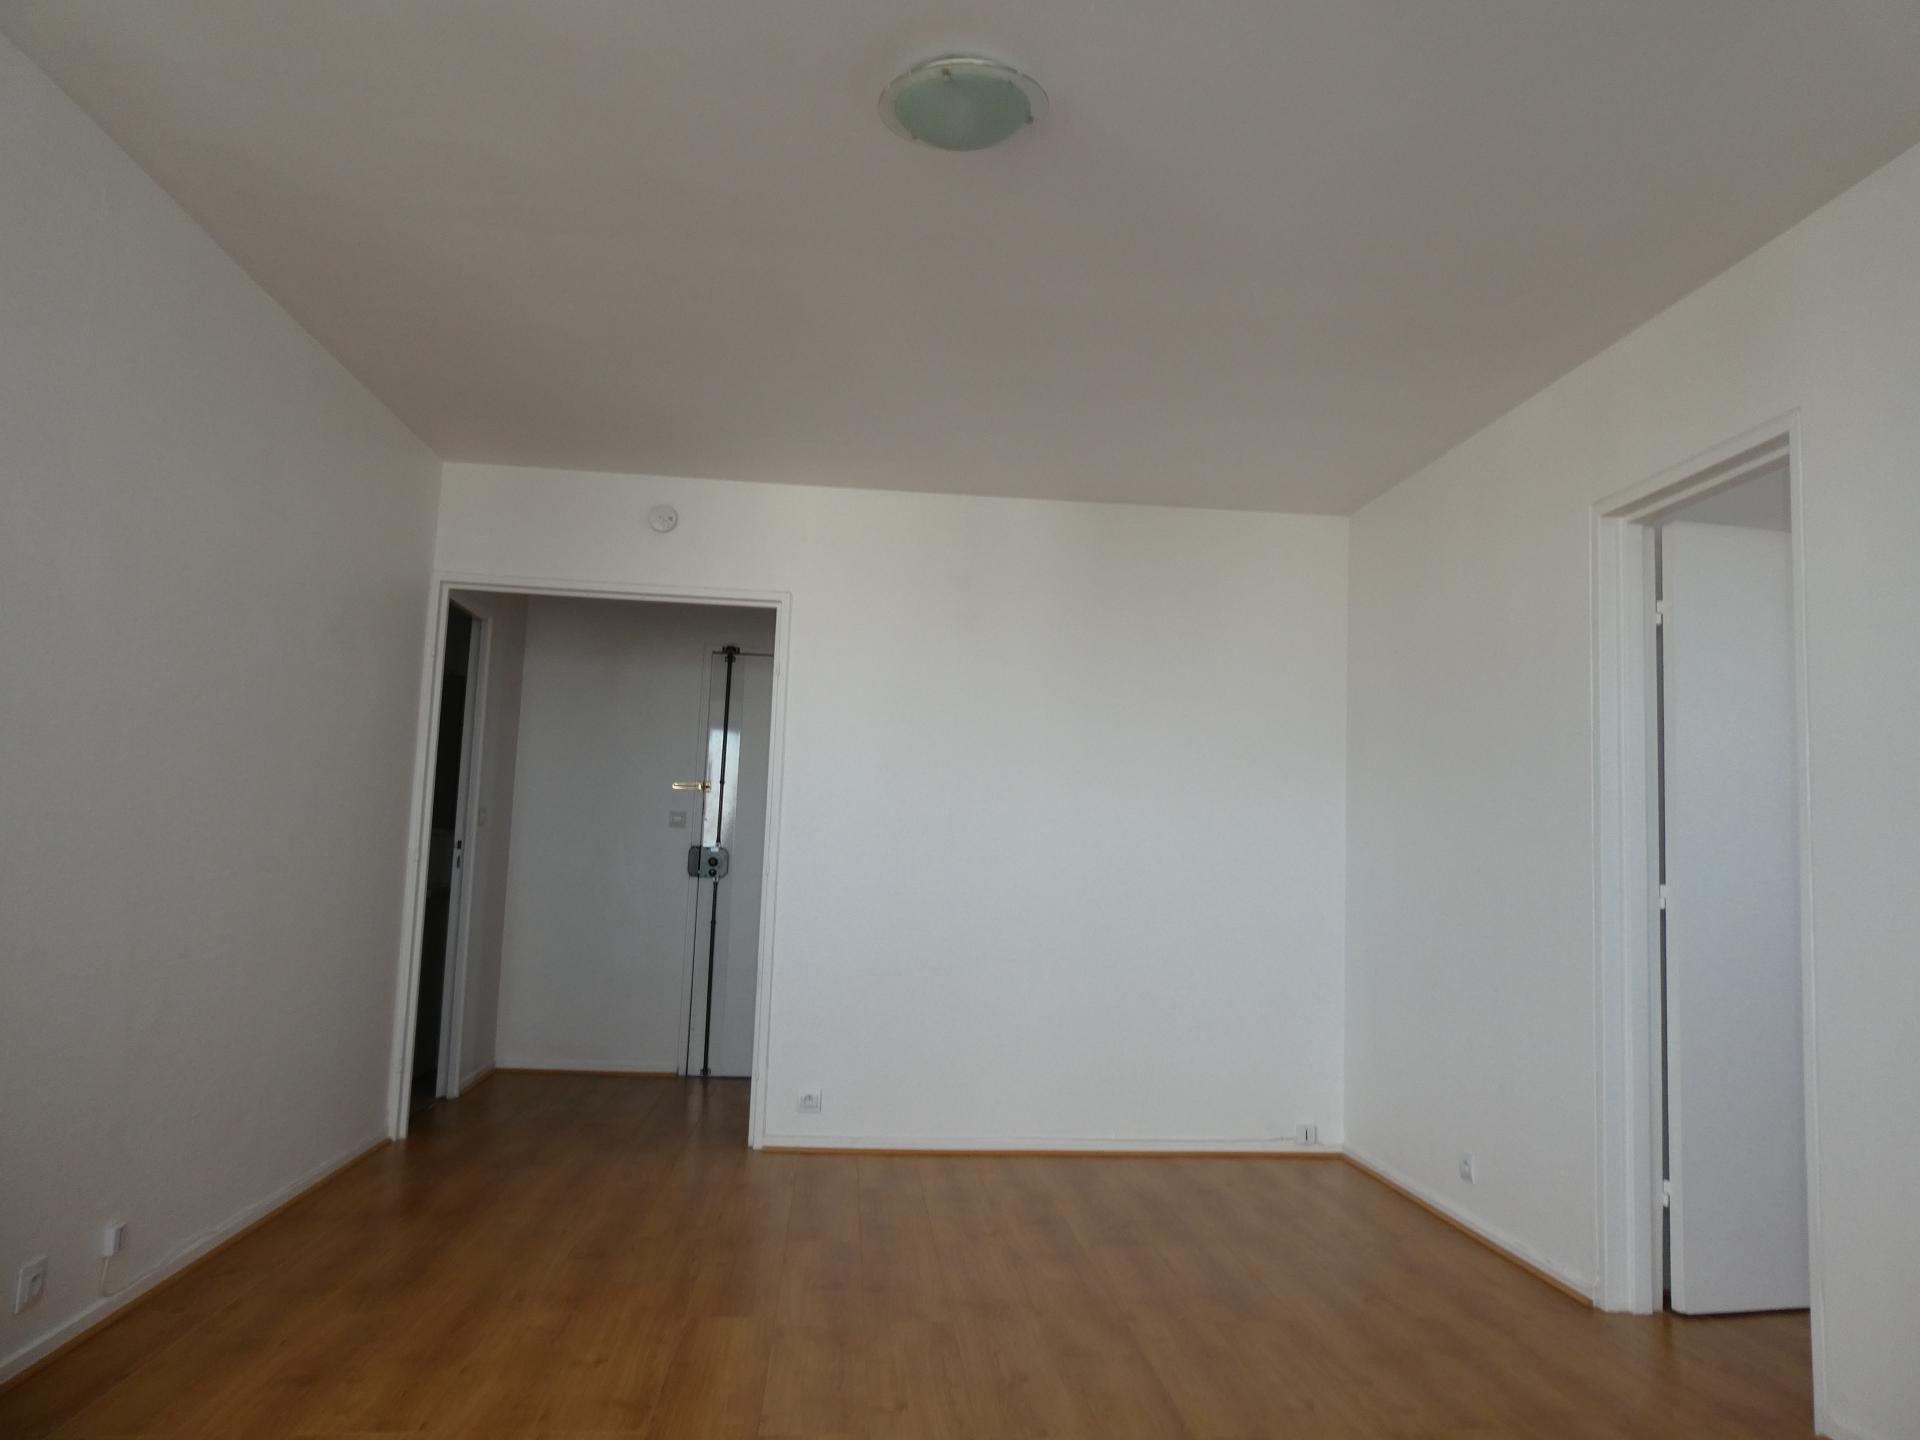 Vente appartement 2 pièces - 48 m² à Bagnolet